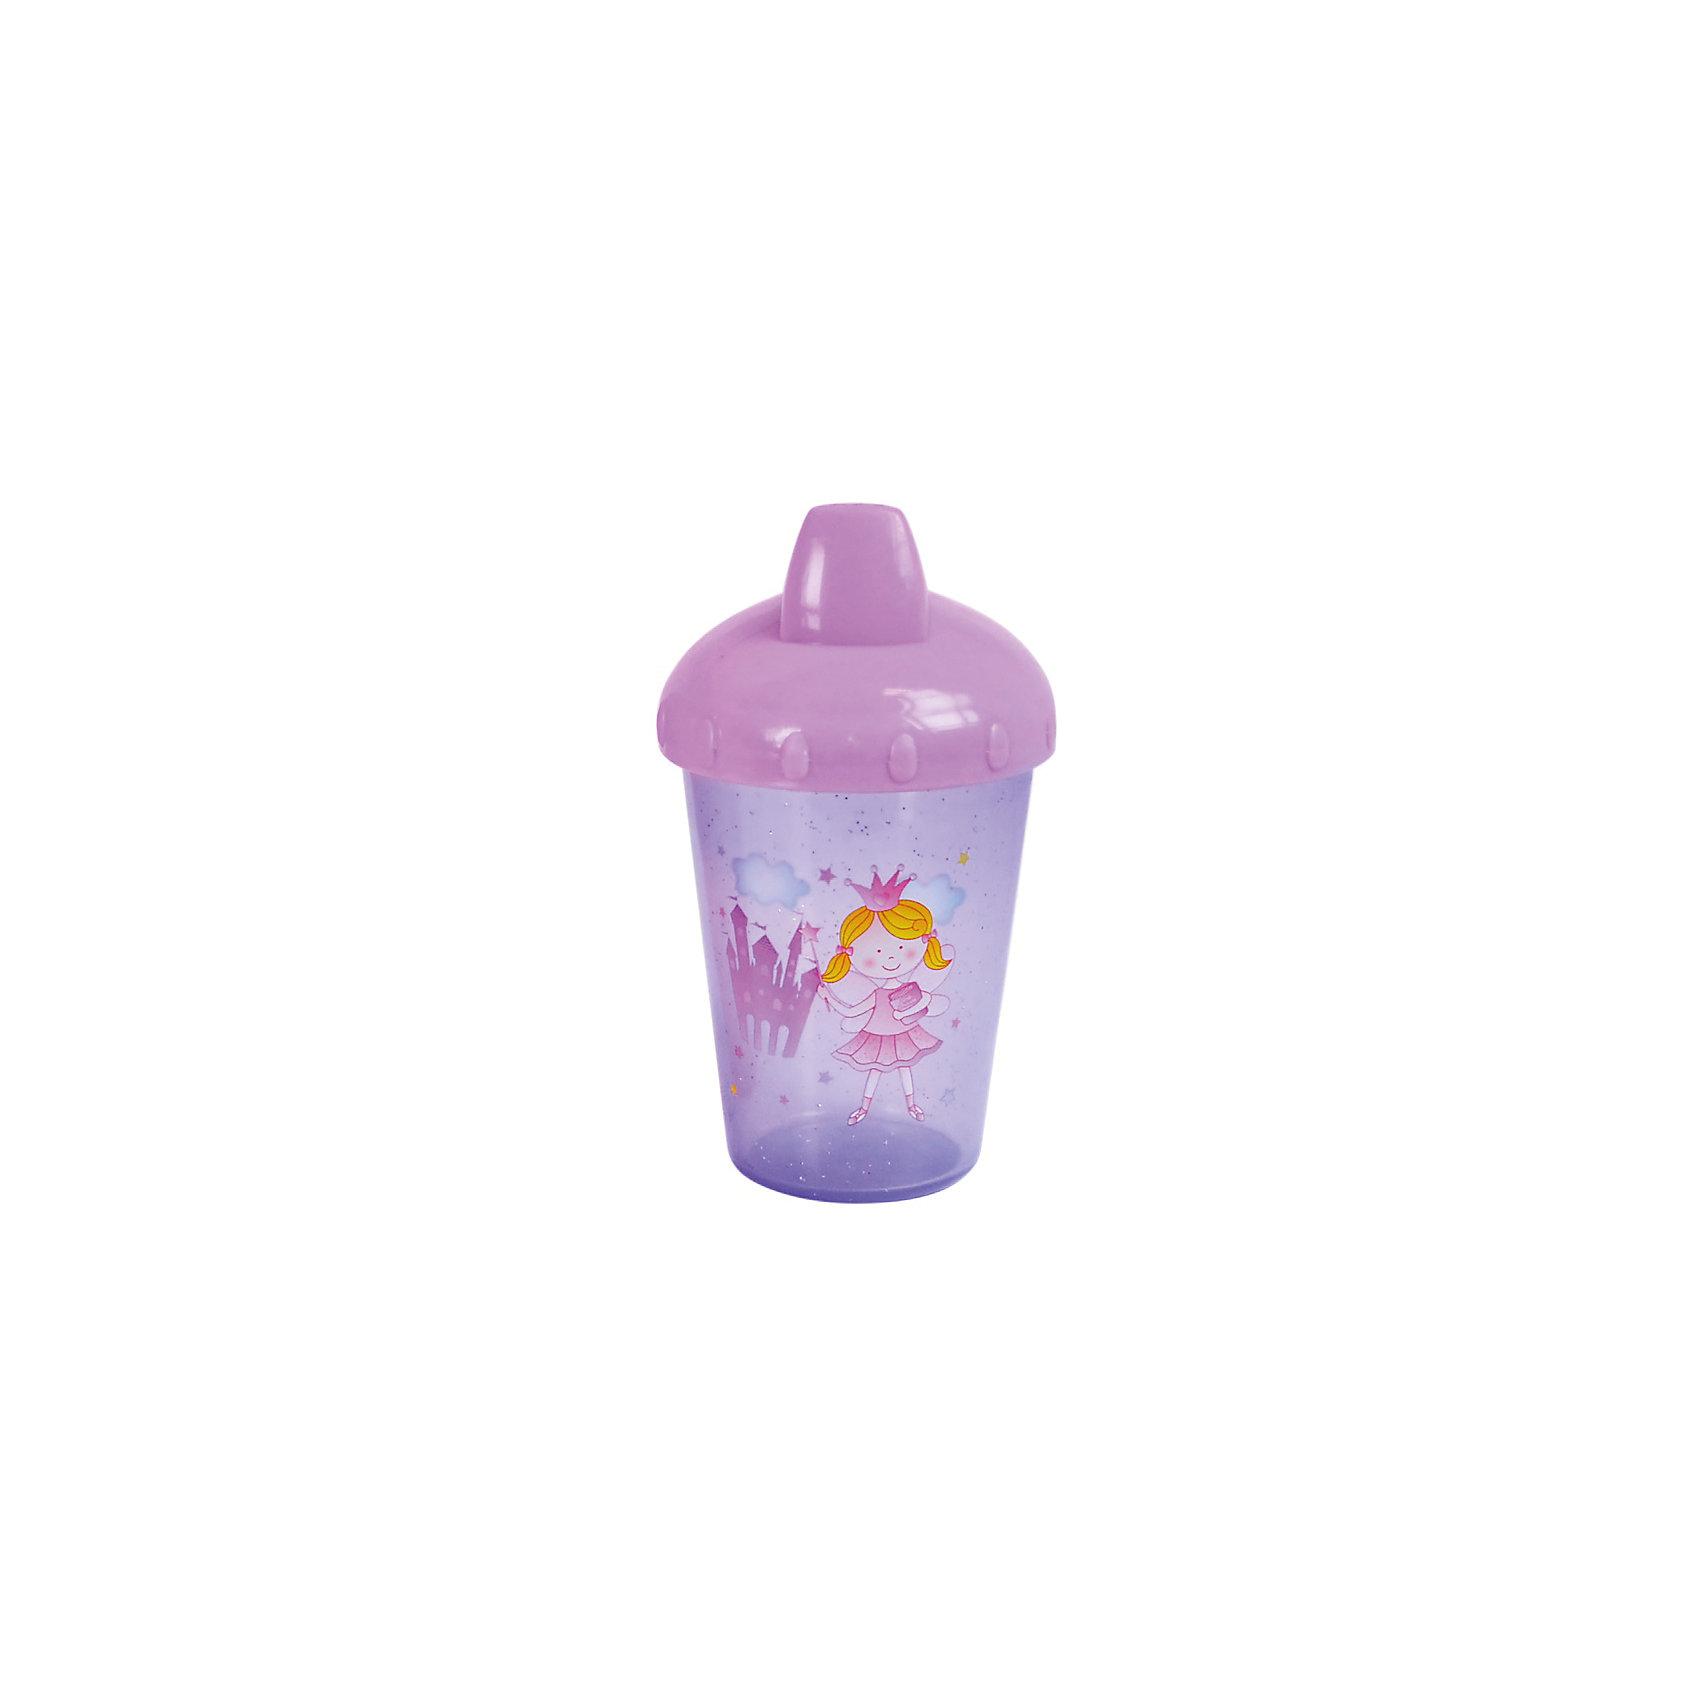 Курносики Поильник-непроливайка Принцесса, 260 мл, Kurnosiki, фиолетовый